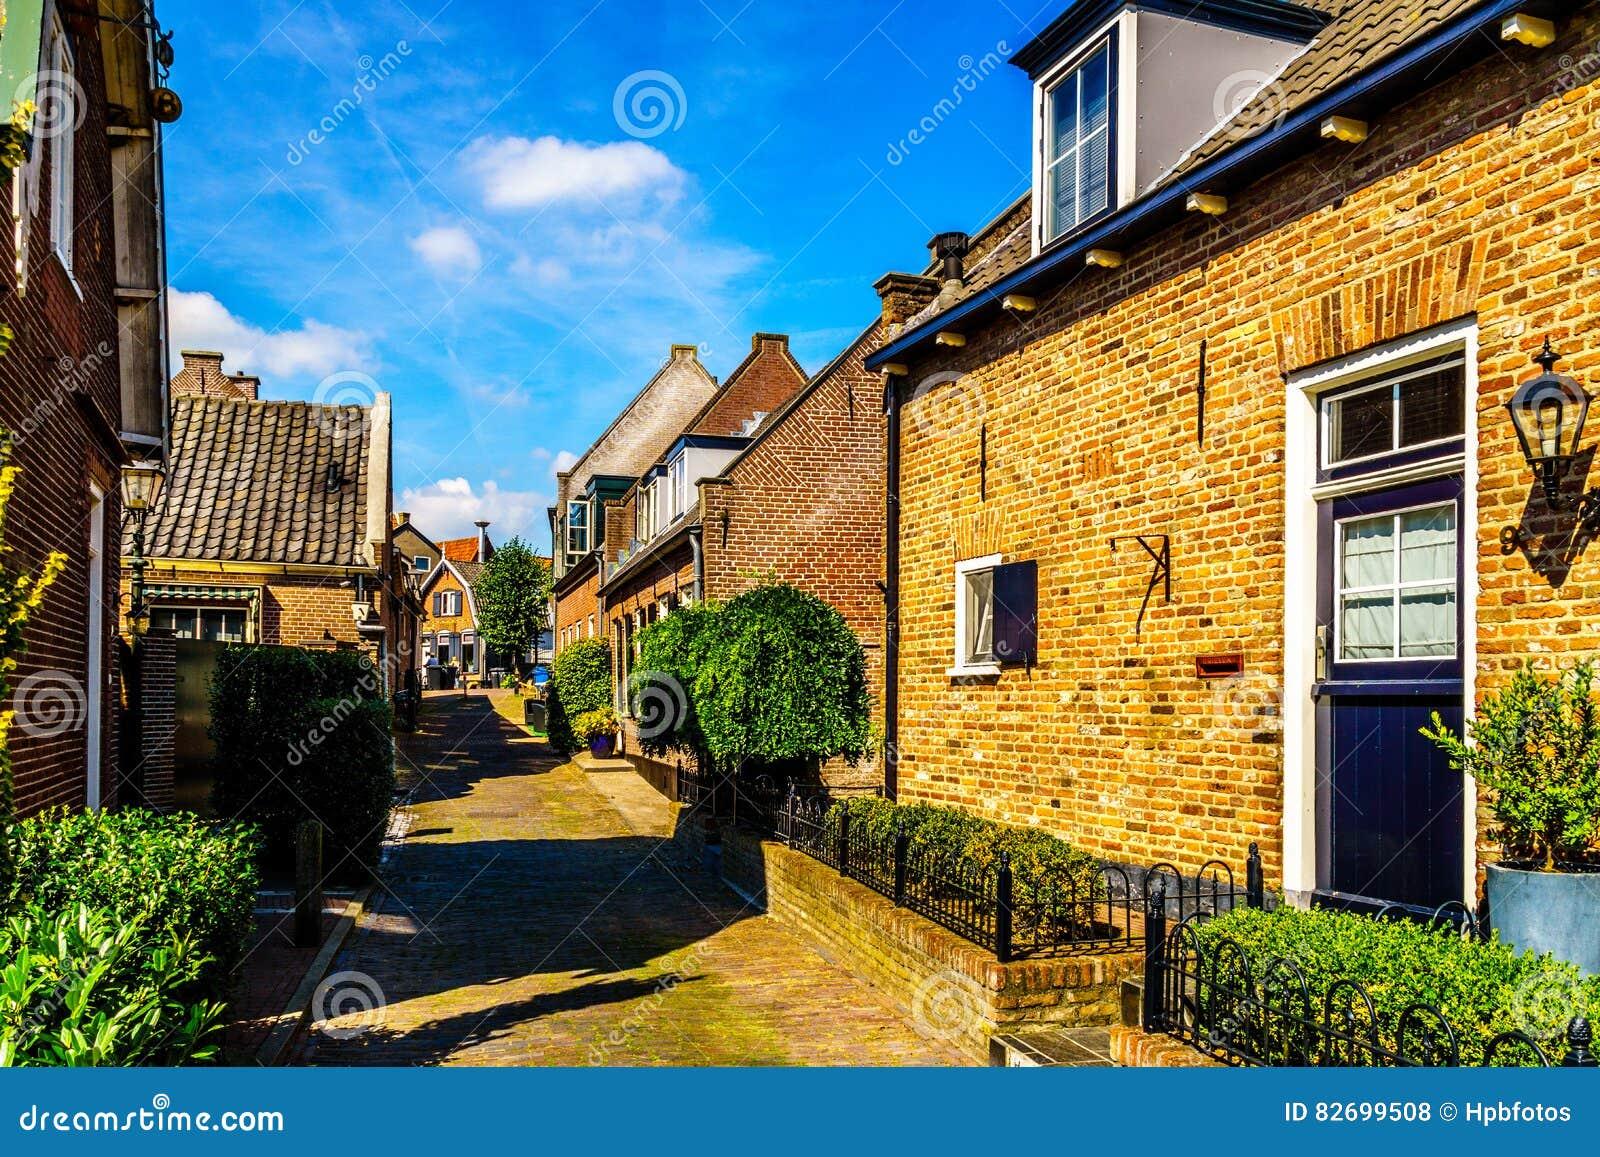 Quiet street in the historic Dutch Fishing Village of Bunschoten-Spakenburg